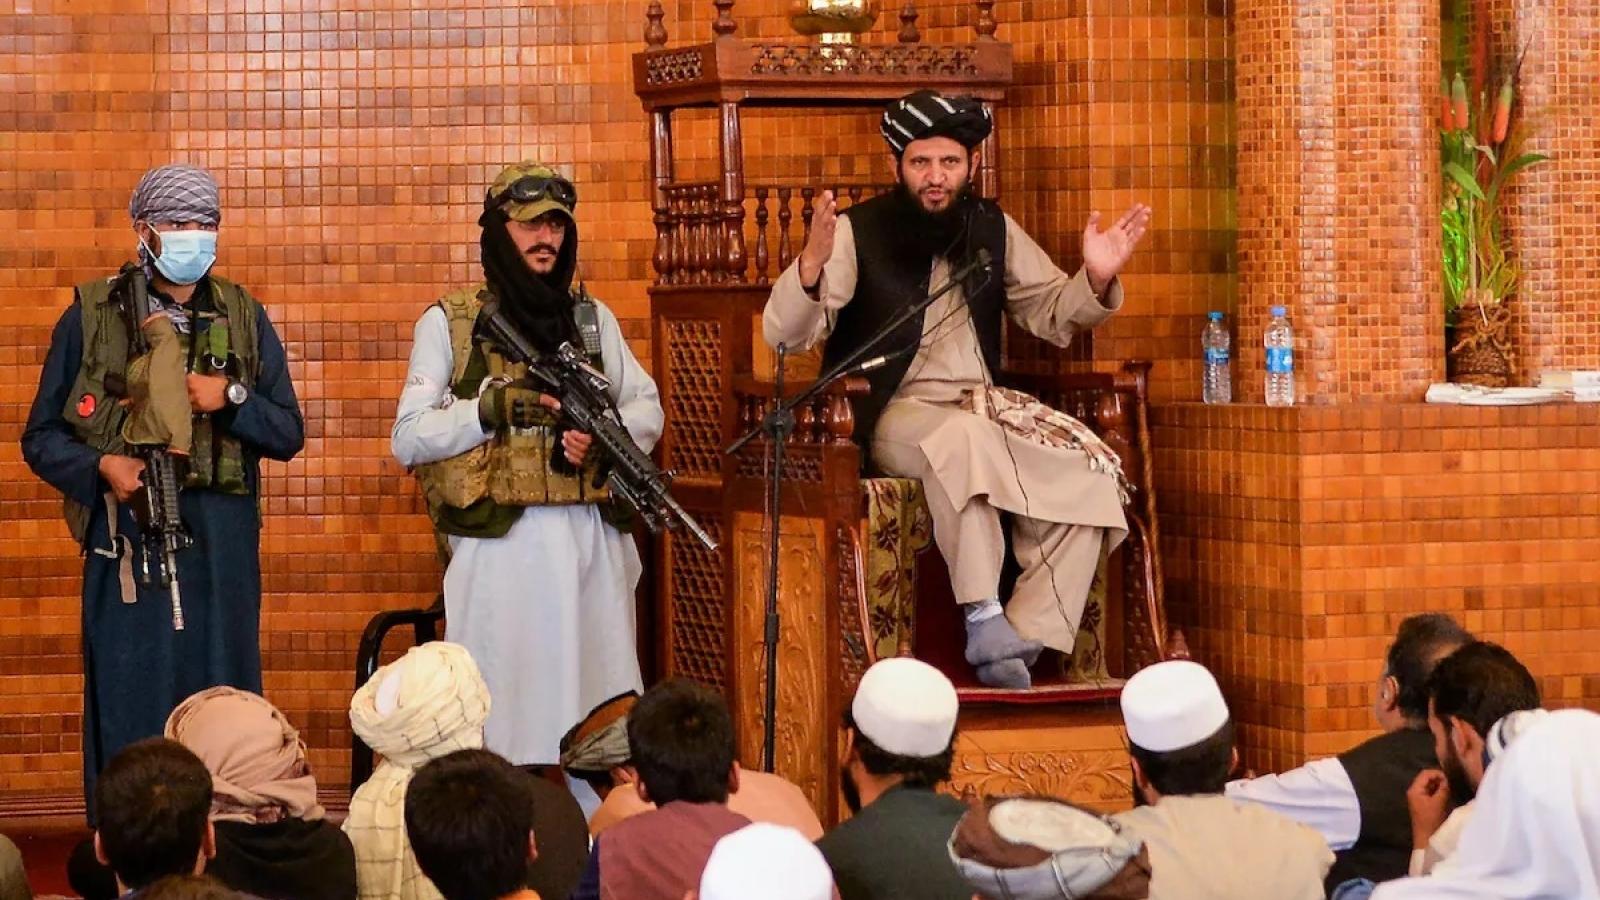 Chia rẽ và tranh giành quyền lực trong nội bộ ban lãnh đạo Taliban ở Afghanistan